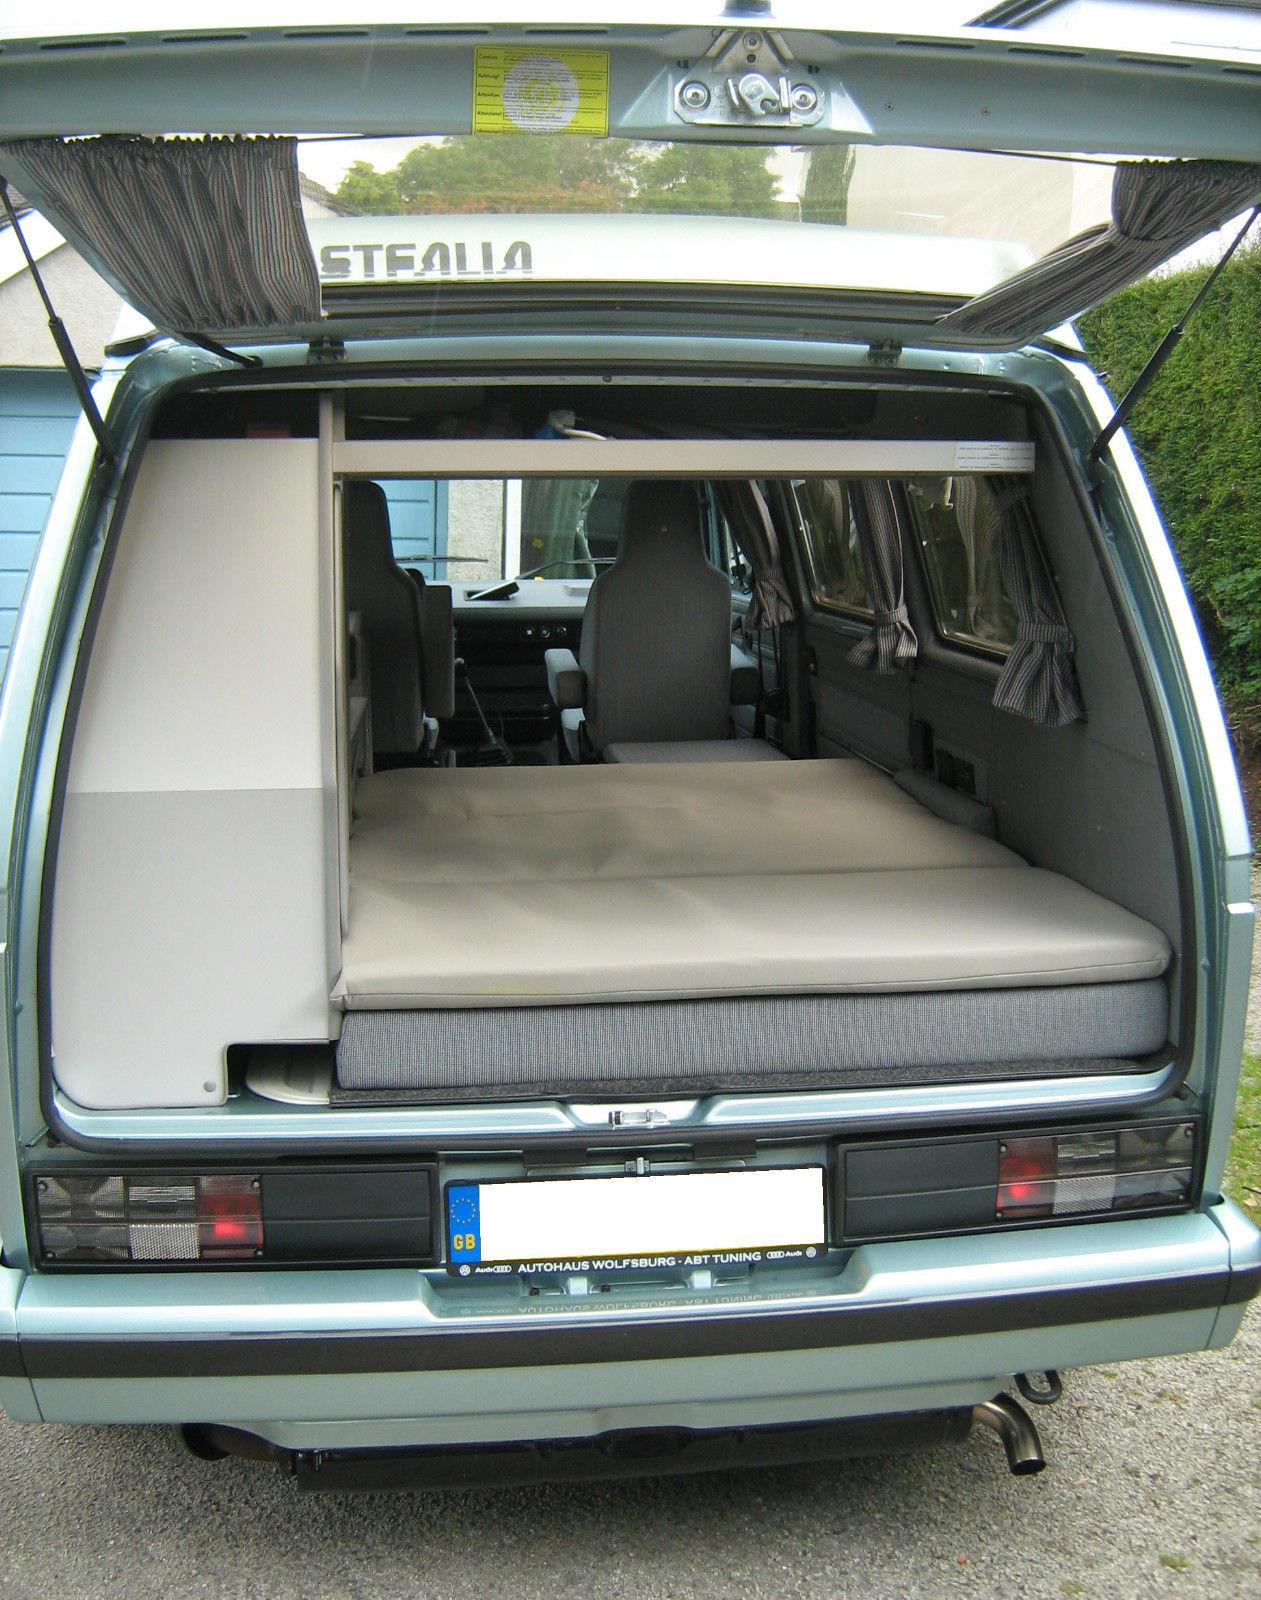 Vw T25 California Memory Foam Westfalia Joker Matratze Topper T3 Campervan Ebay